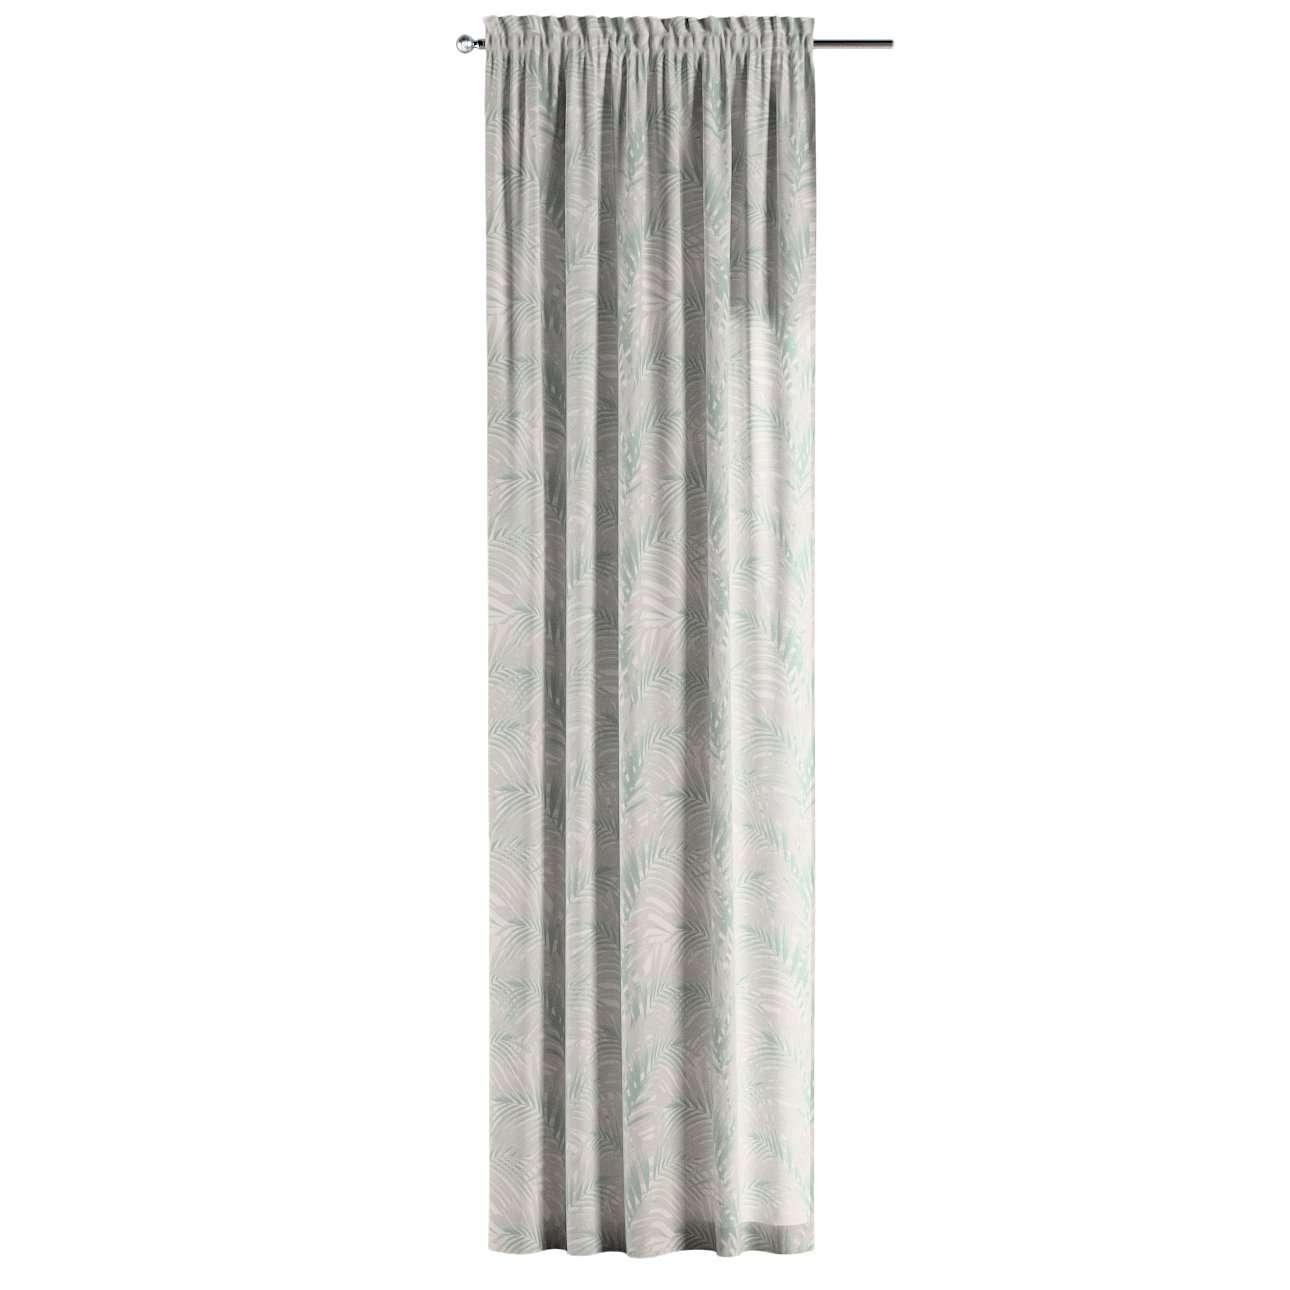 Gardin med kanal - Multiband 1 längd i kollektionen Gardenia, Tyg: 142-15